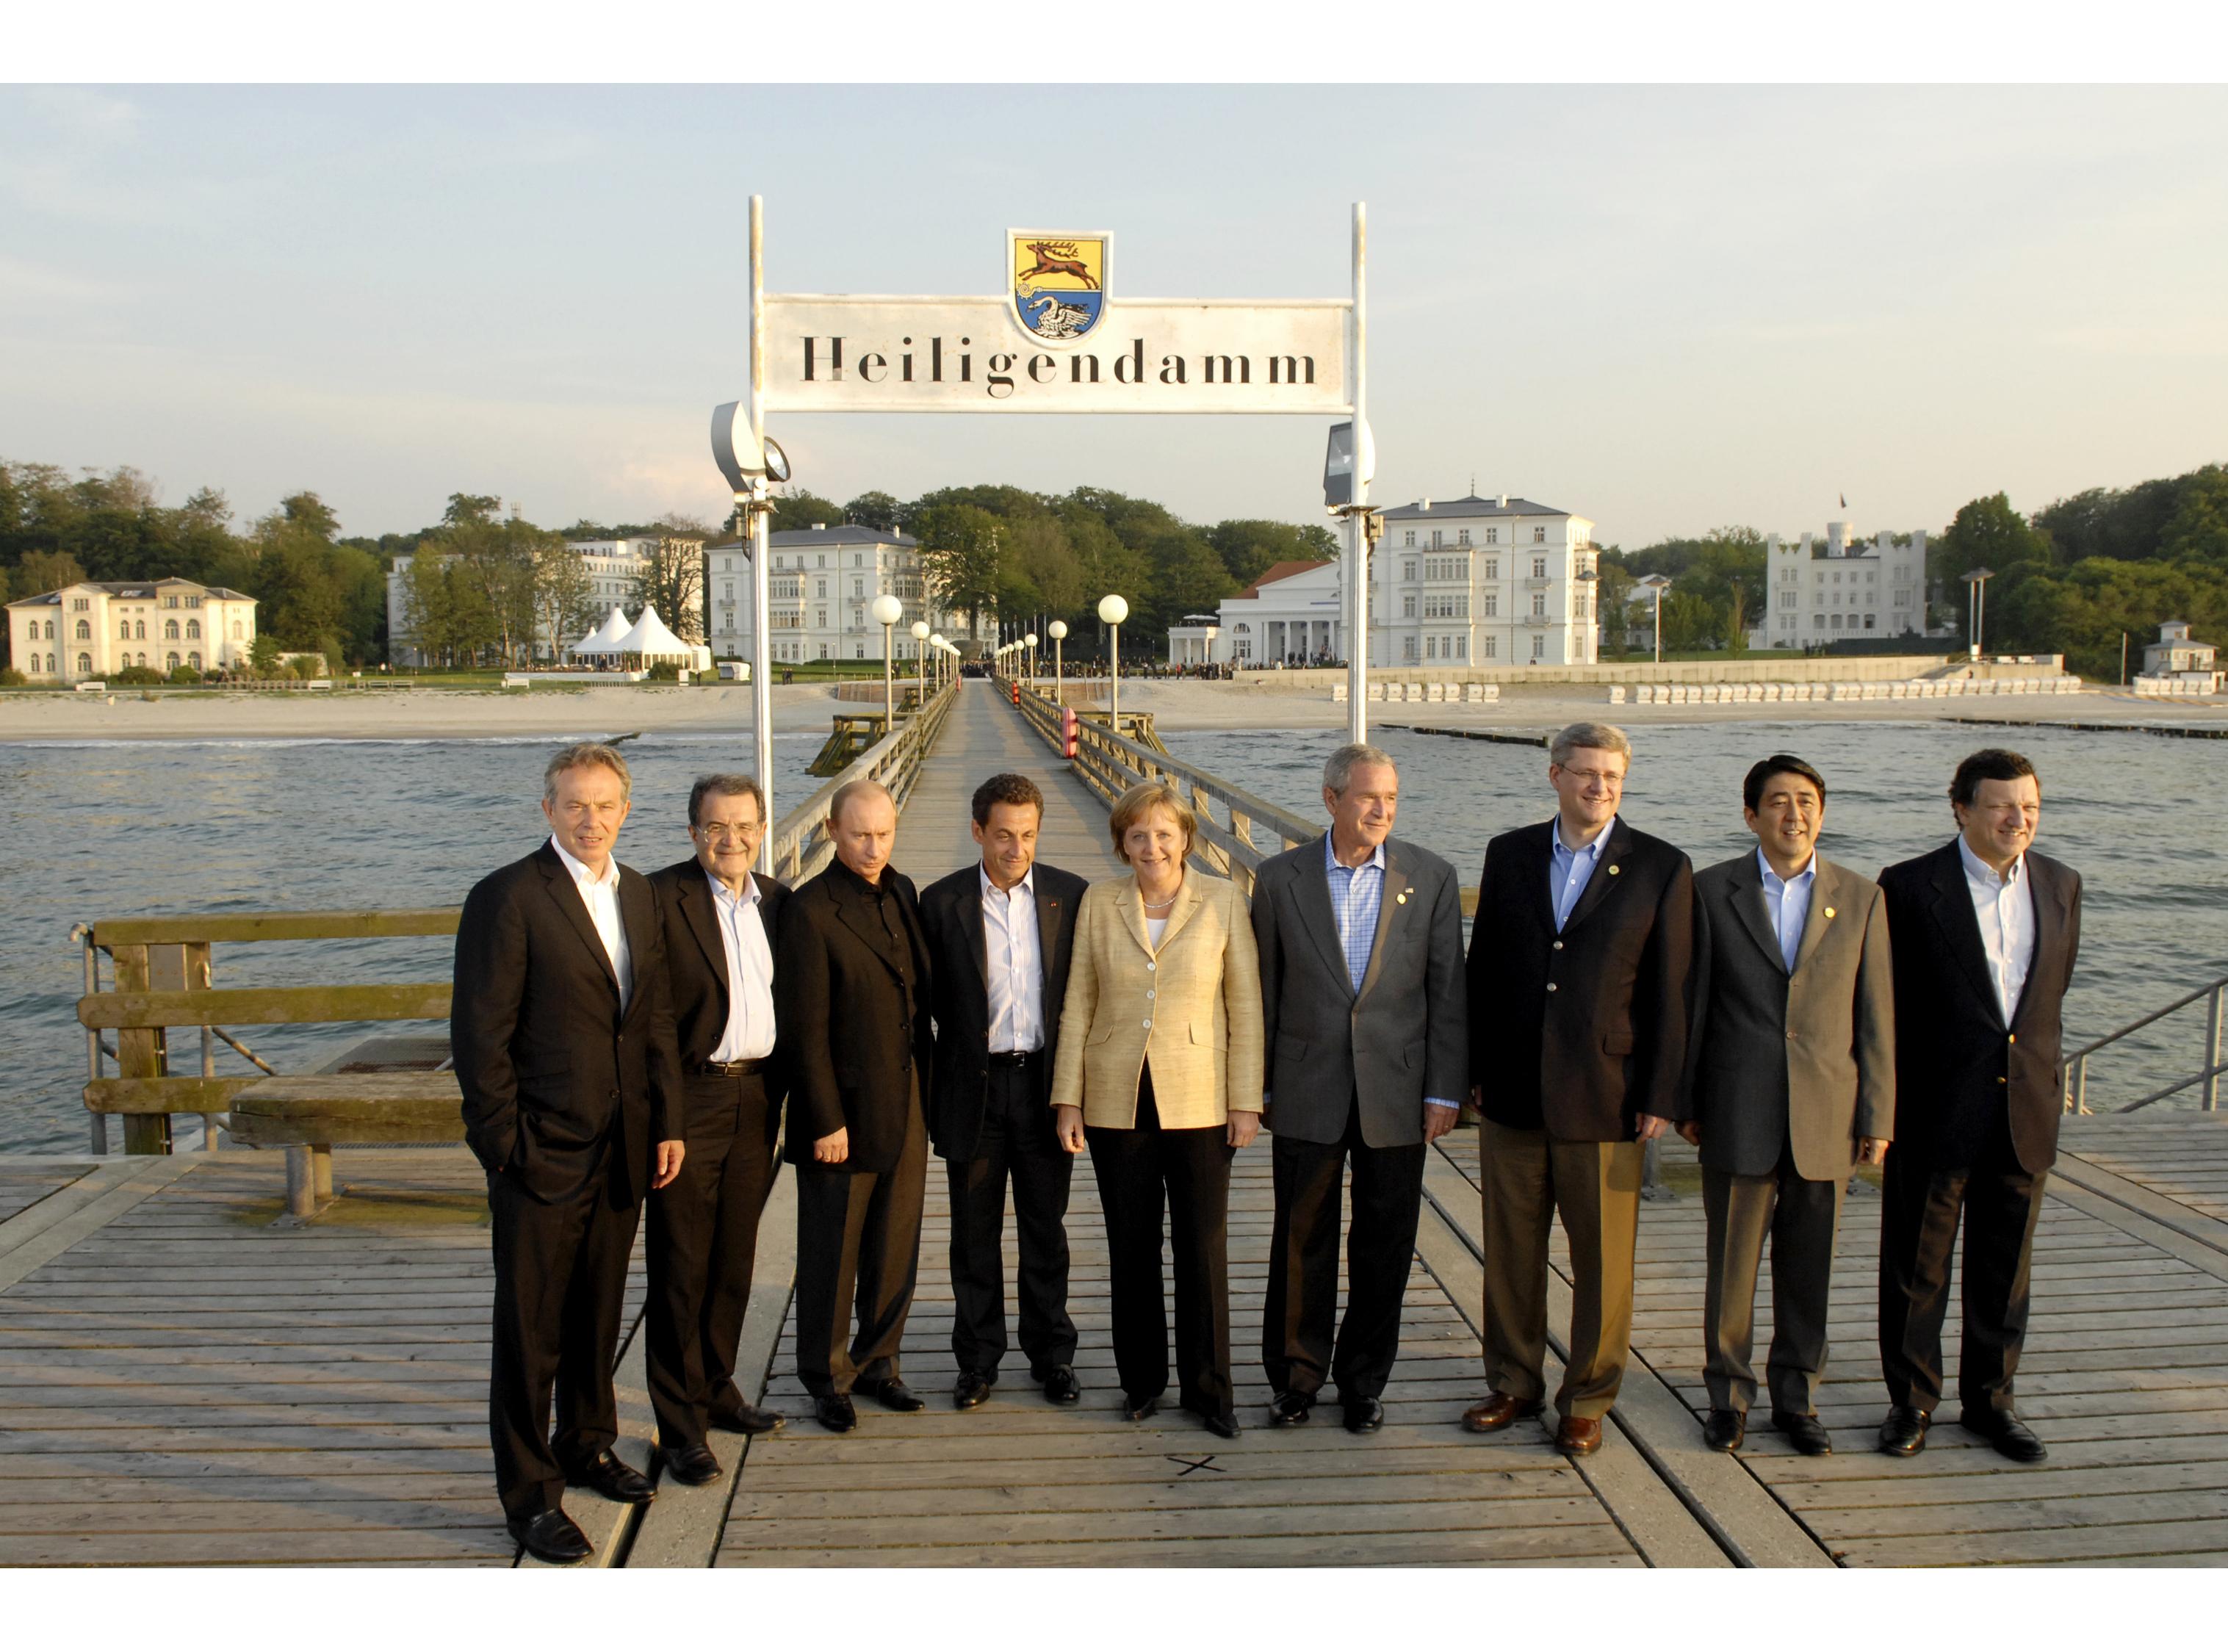 G7 Heiligendamm